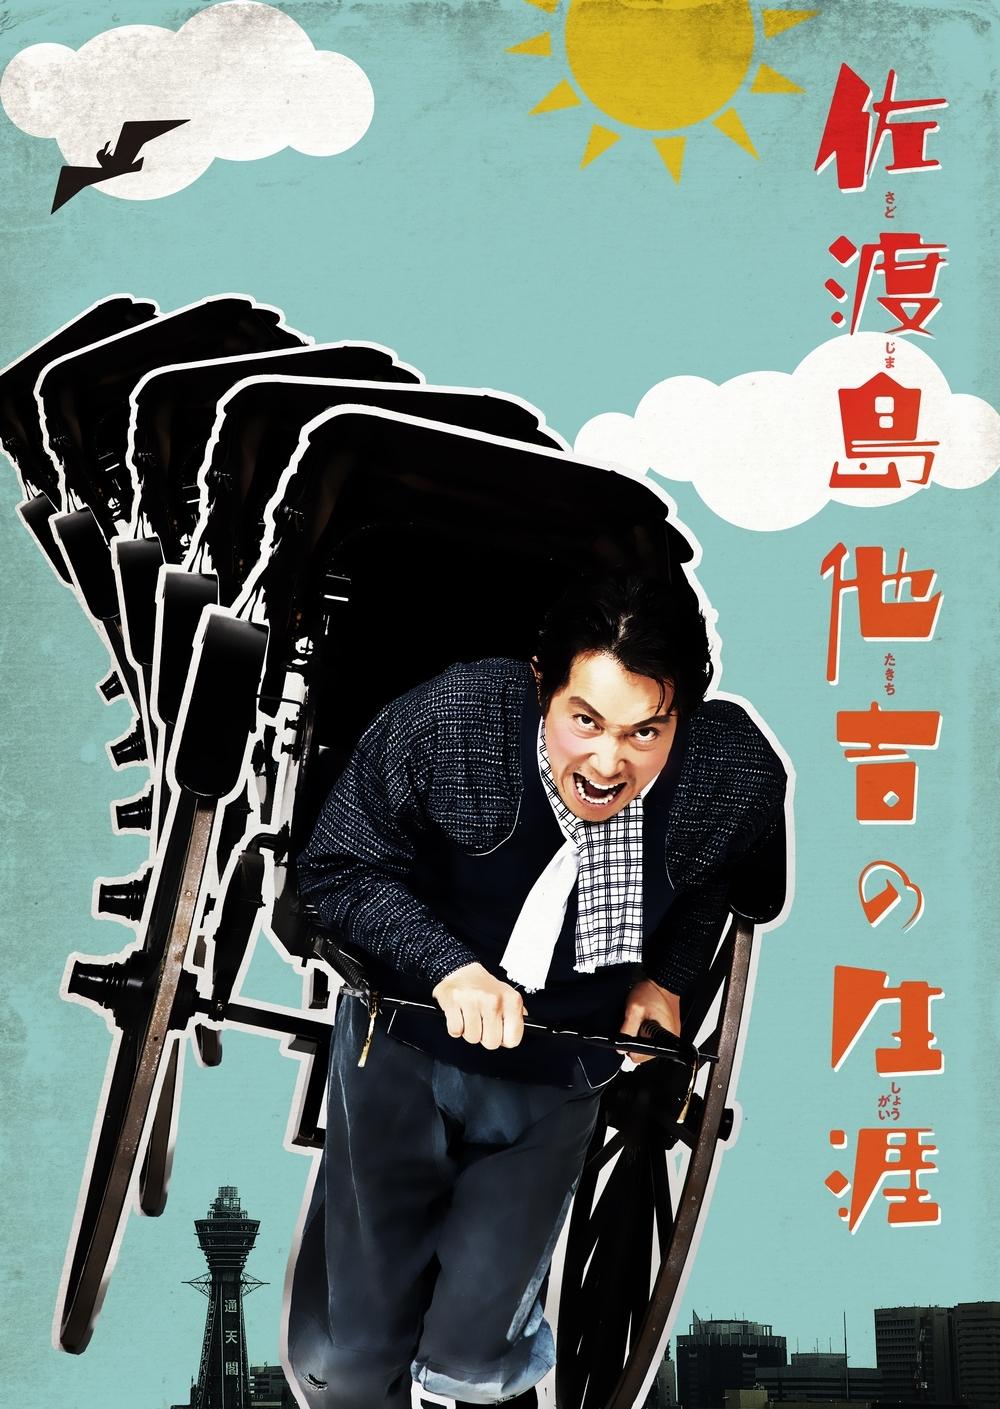 『佐渡島他吉の生涯』キービジュアル